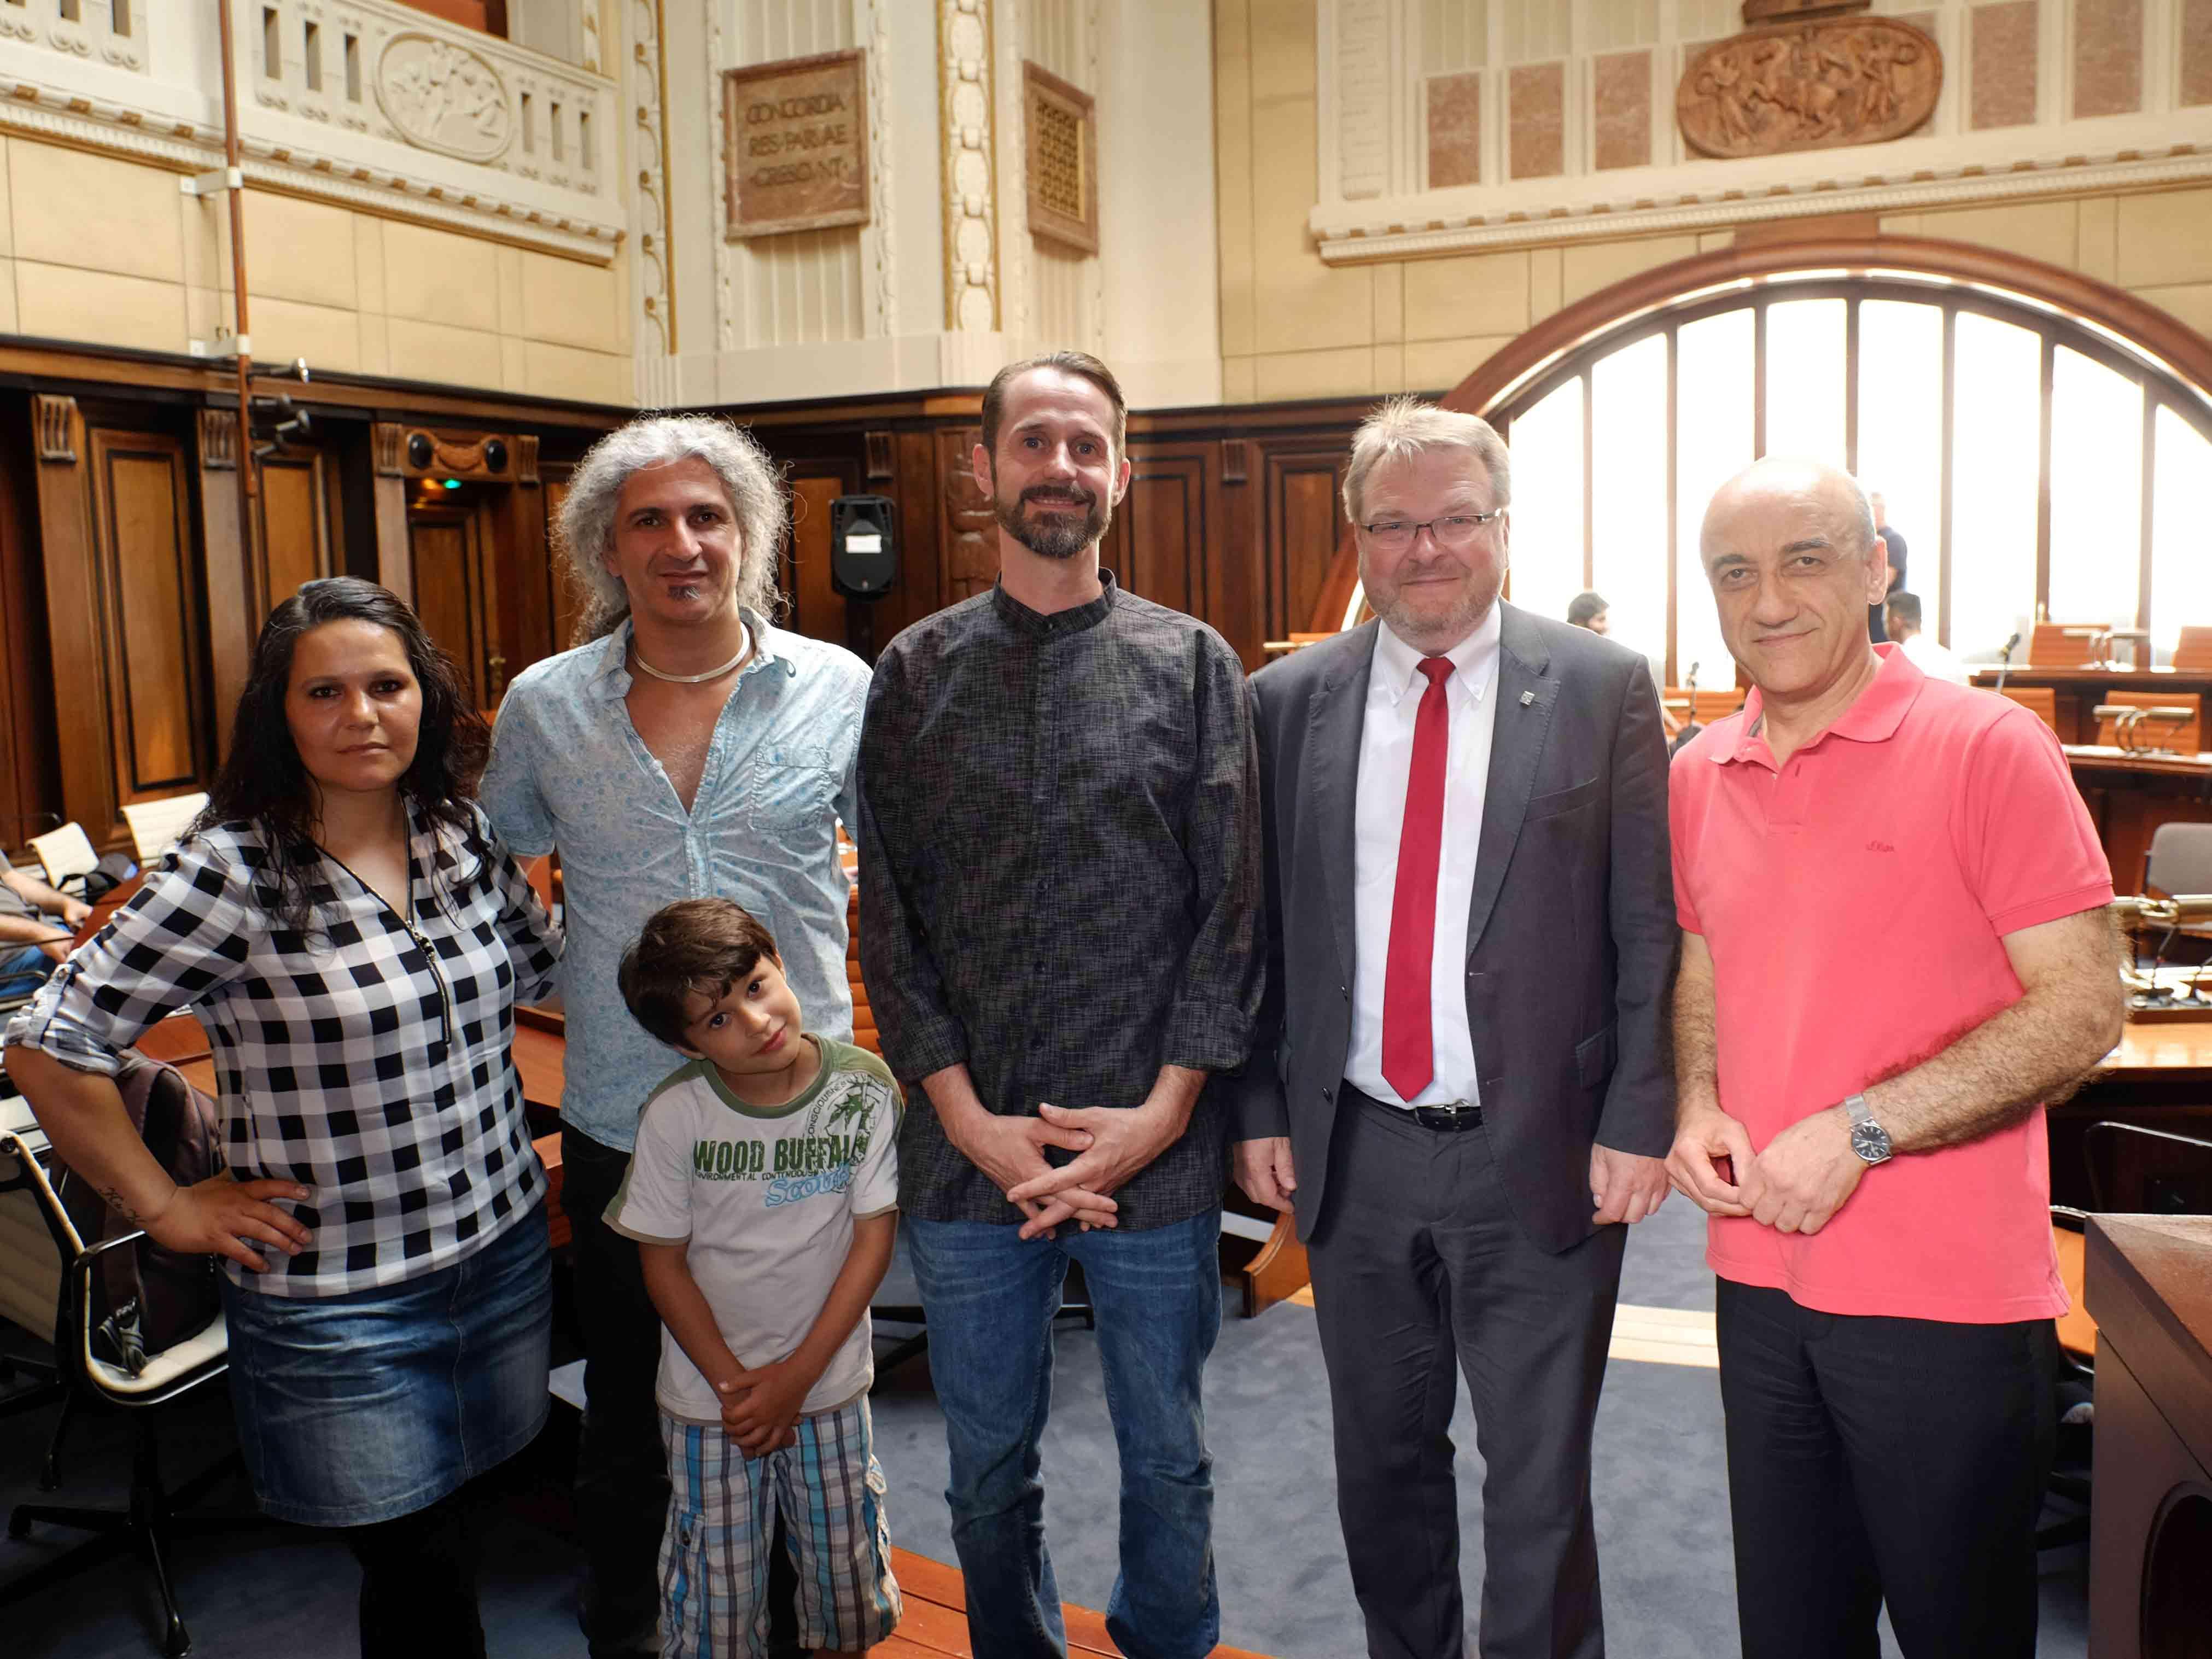 Spax und seine Gesprächspartner Cevahir Sansar, Omid Bahadori (mit Sohn) und Hossein Kiumarz Naghipour zusammen mit Bürgermeister Thomas Hermann im Hodlersaal